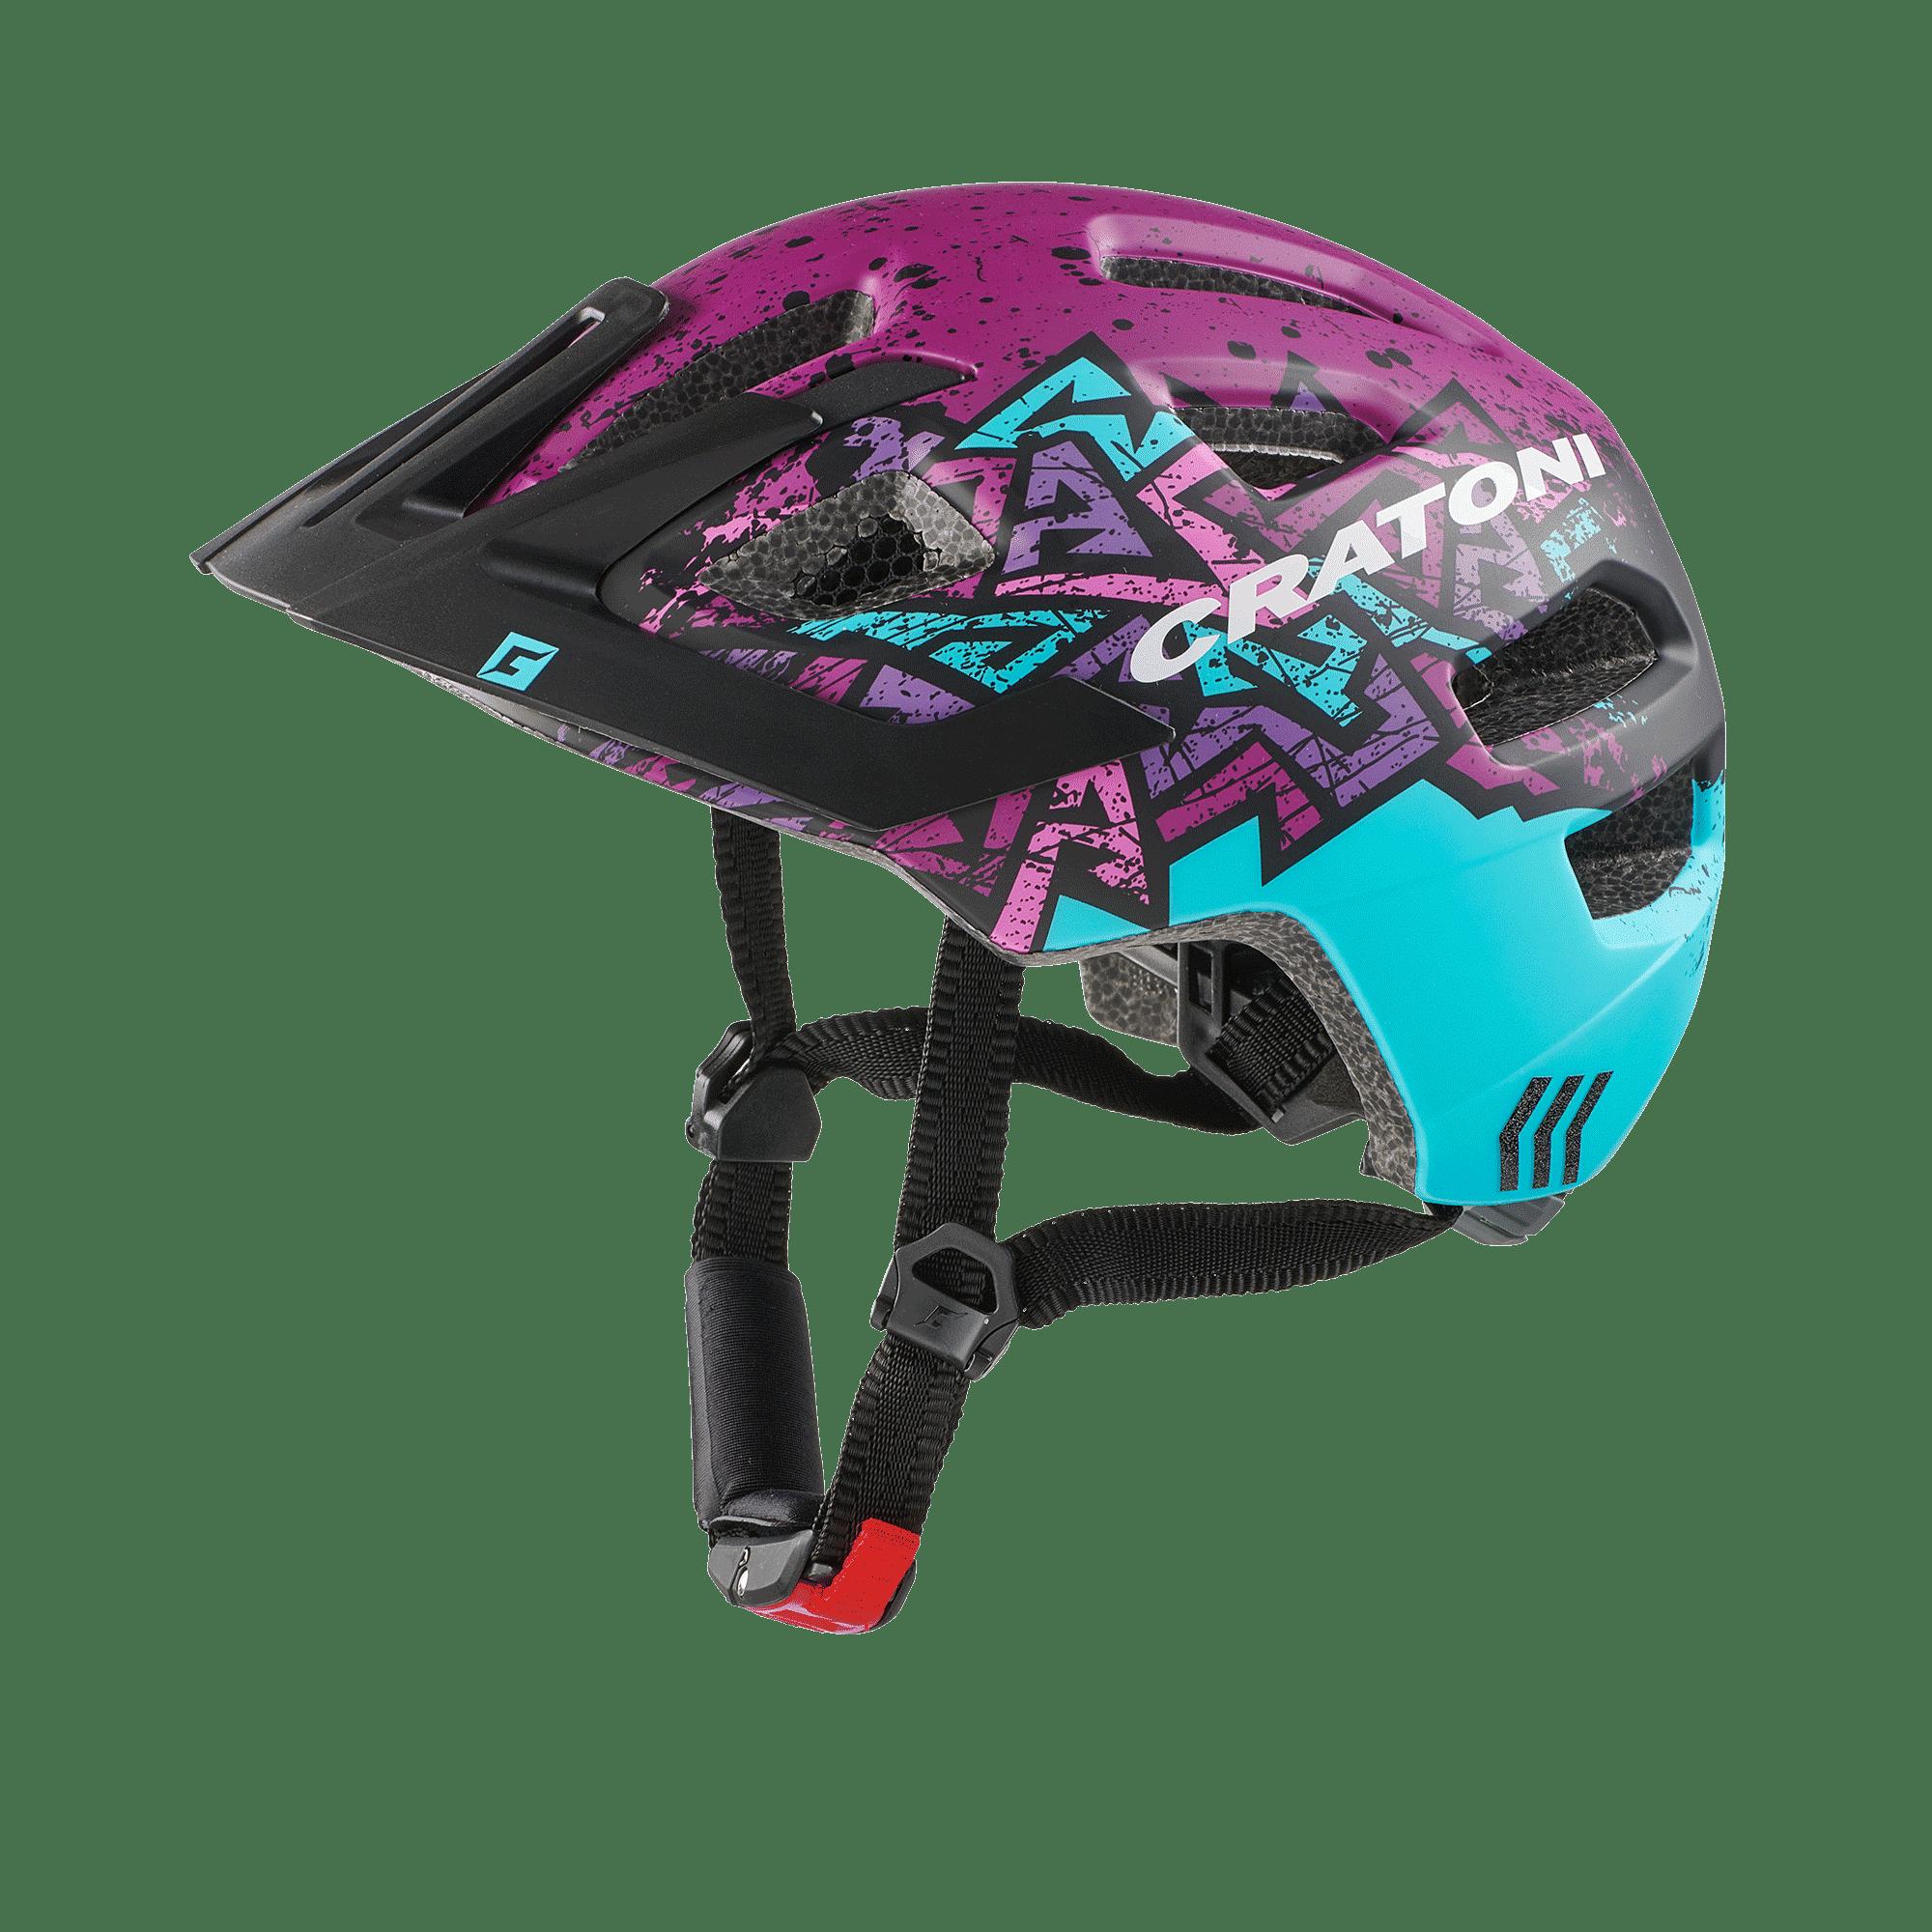 Maxster-Pro wild purple matt